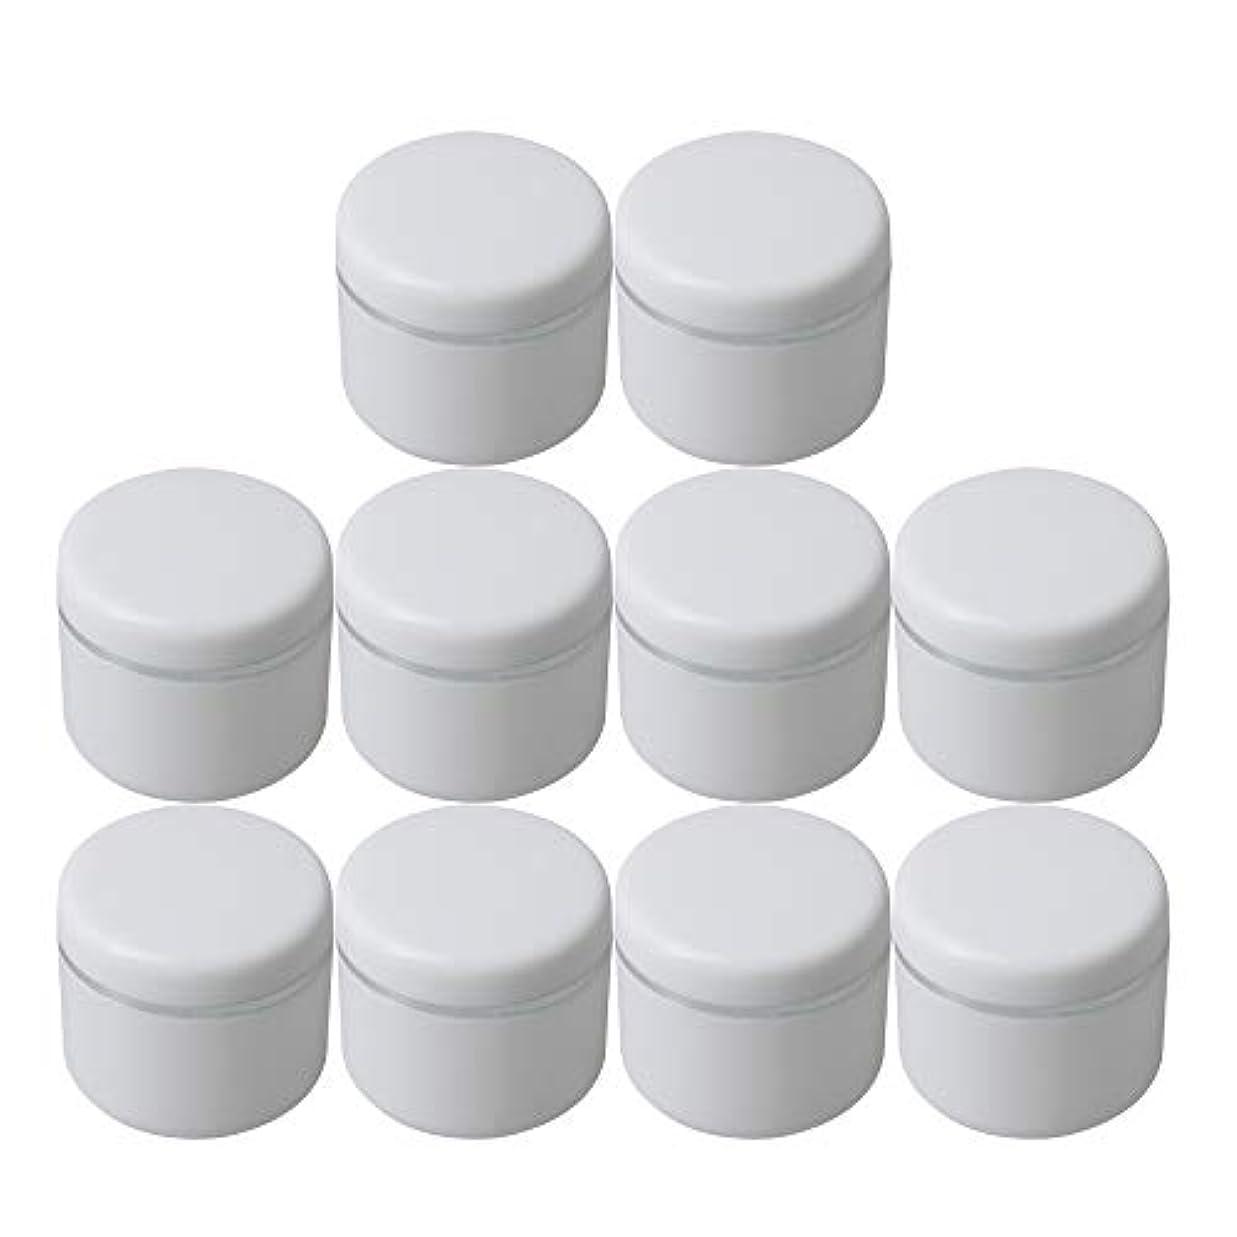 ジュラシックパーク優れました性差別Diystyle 10個入 クリームケース 空ポット 空容器 化粧品用 30g 詰替え ホワイト